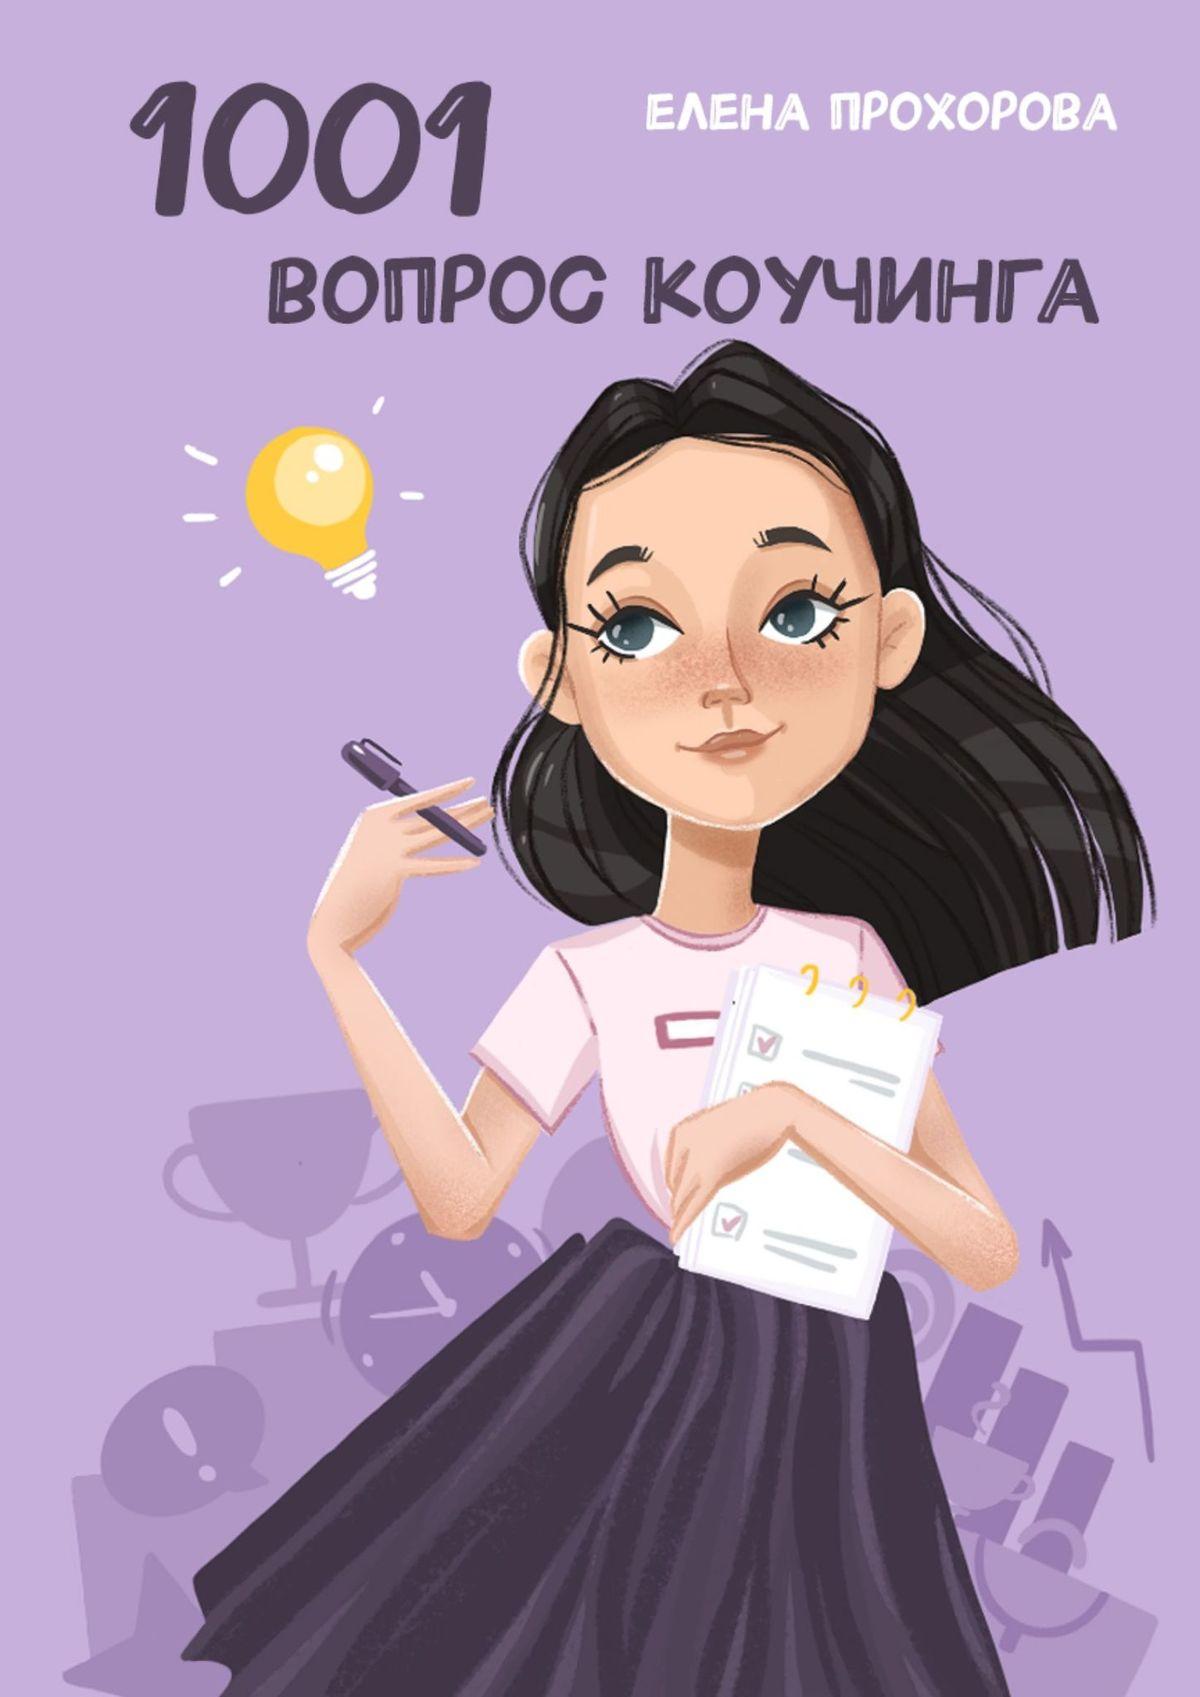 Елена Прохорова 1001вопрос коучинга